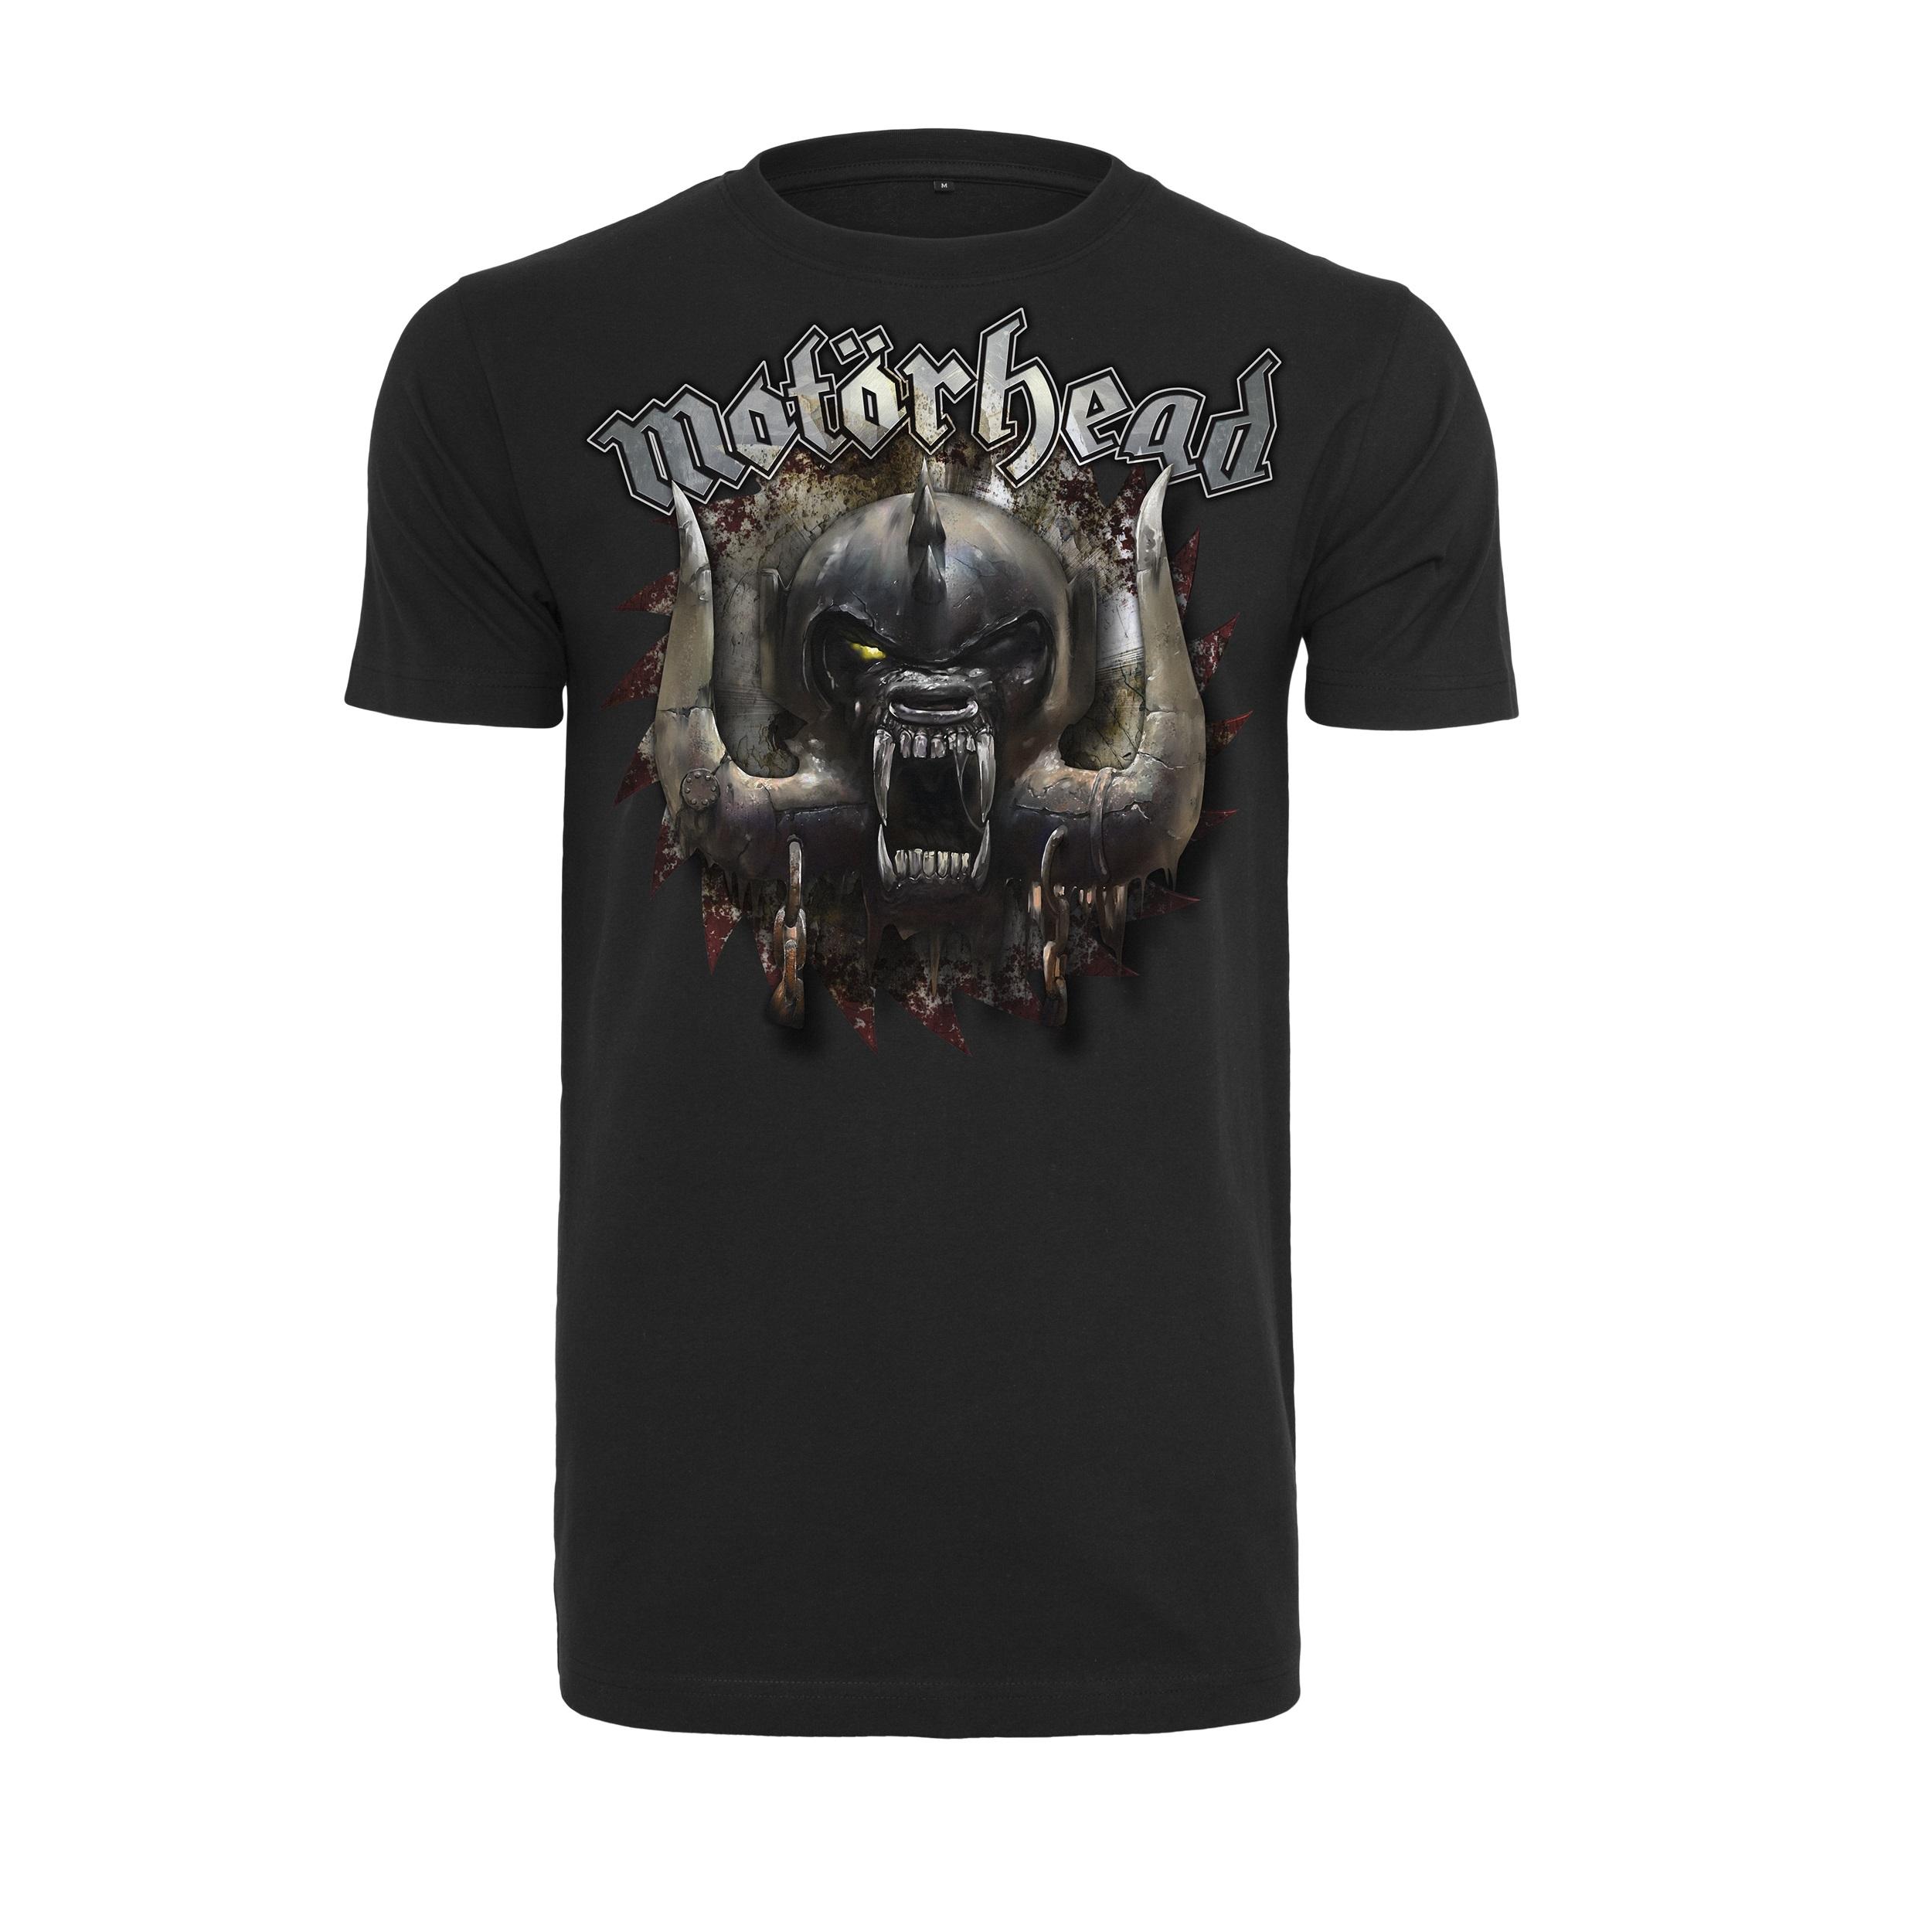 Motörhead - Tričko SAW Tee - Muž, Čierna, XS